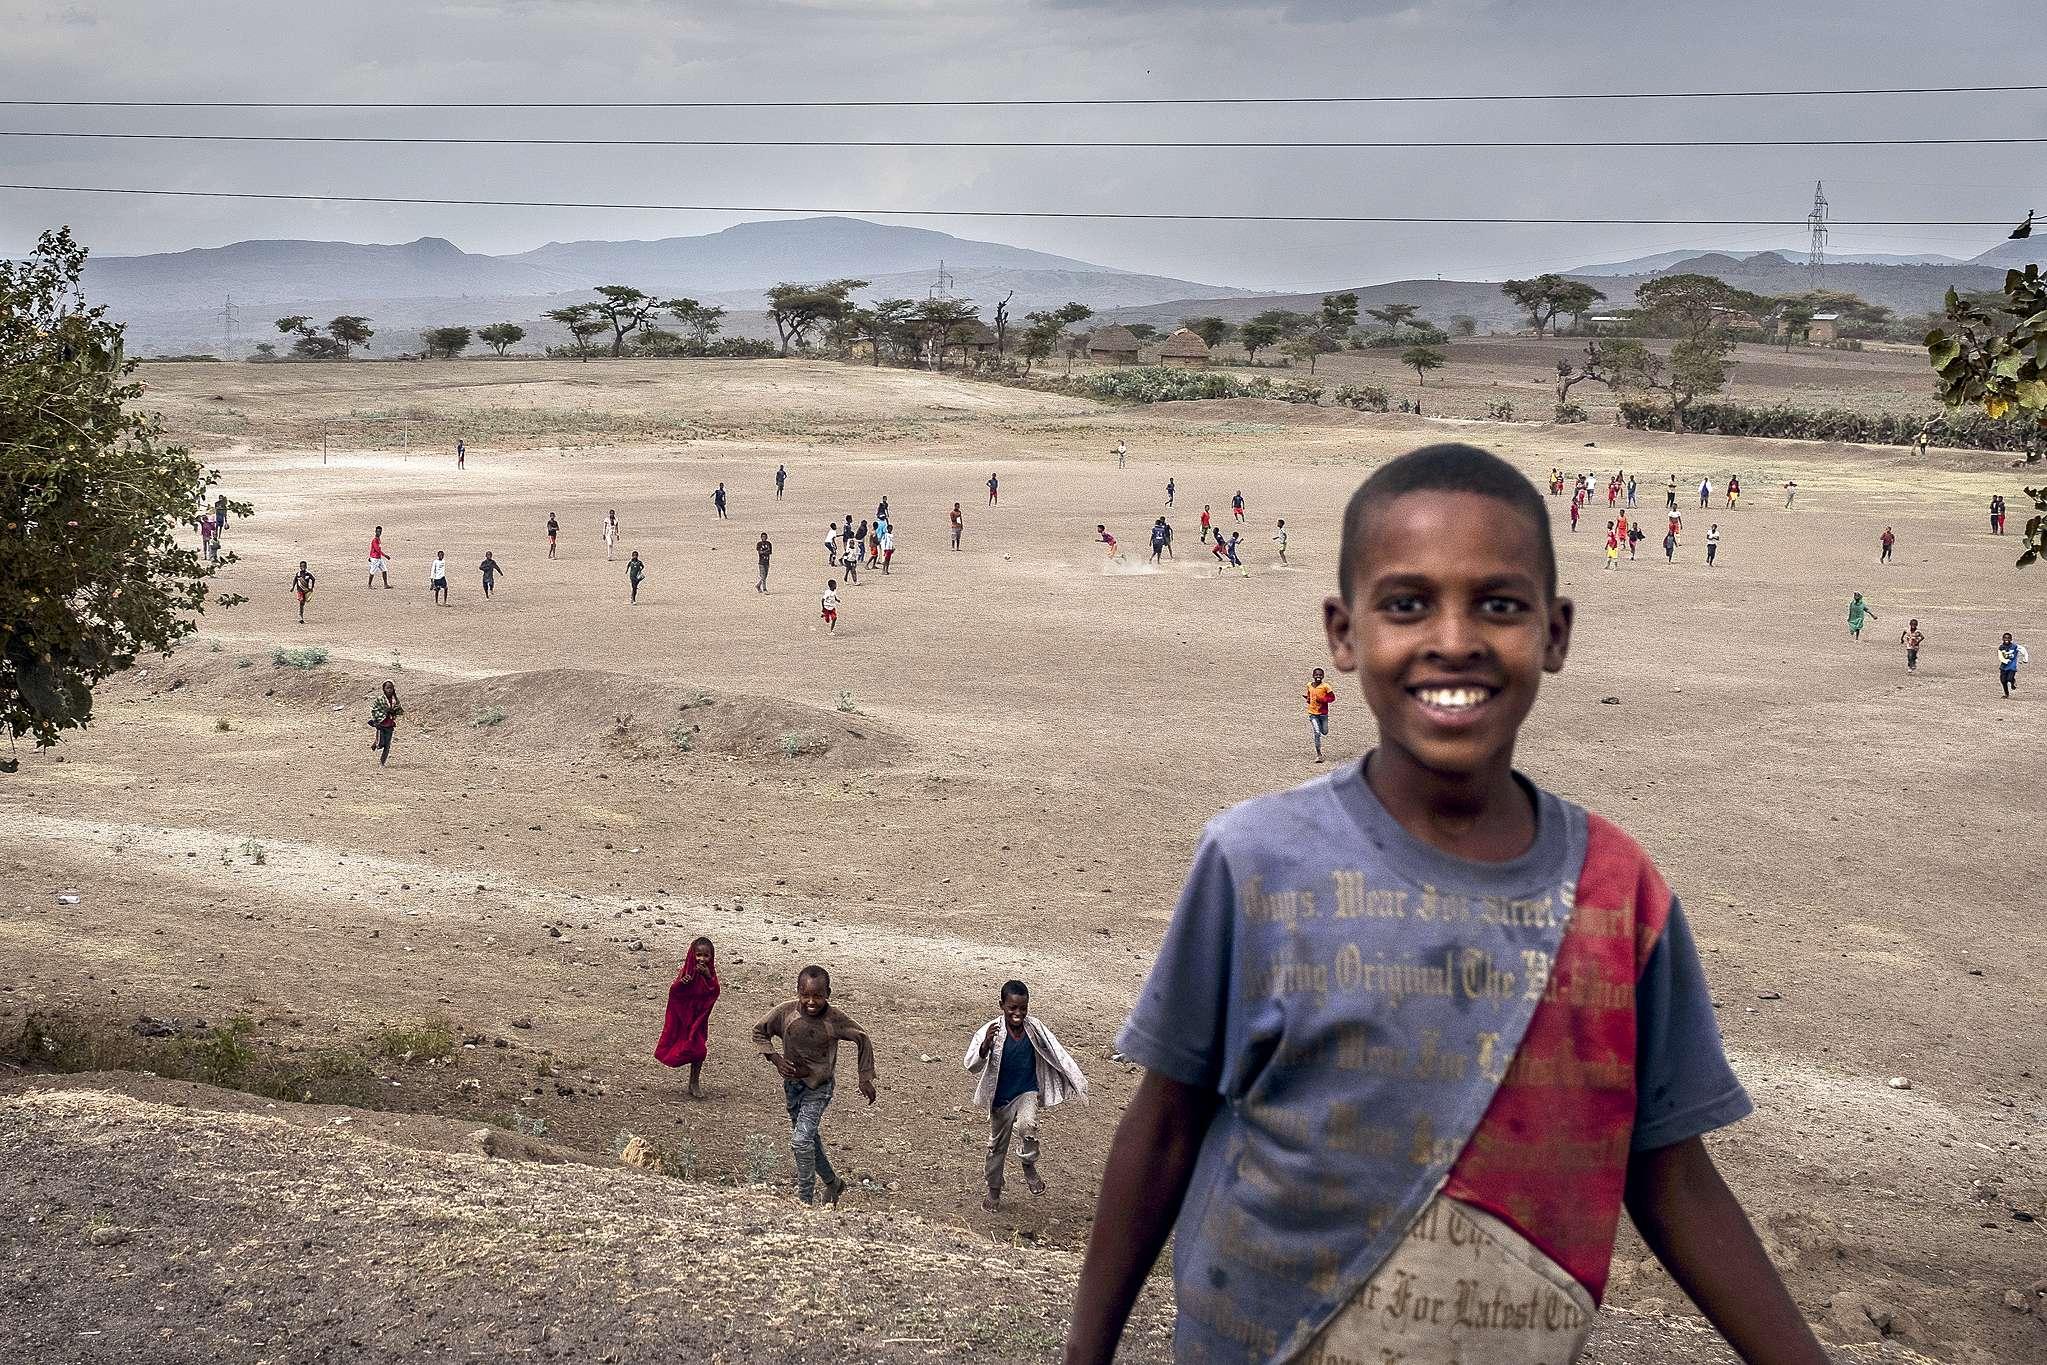 Erik Tabery sTomášem Lindnerem otom, jak vzniká reportáž Respektu zAfriky